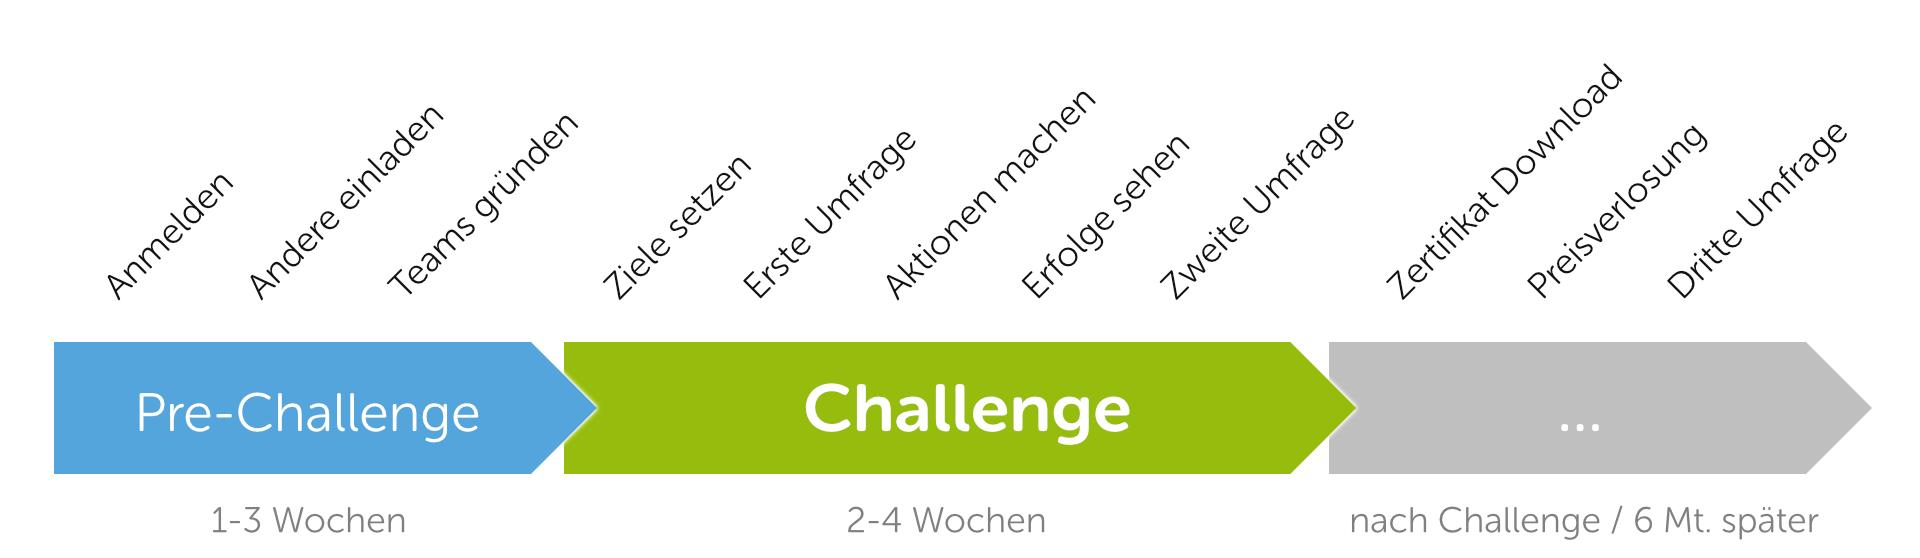 Pre-Challenge (1-3 Wochen): Anmelden, Andere einladen, Teams gründen – Challenge (2-4 Wochen): Ziele setzen, Erste Umfrage, Aktionen machen, Erfolge sehen, Zweite Umfrage – … (nach Challenge / 6 Mt. später): Zertifikat Download, Preisverlosung, Dritte Umfrage